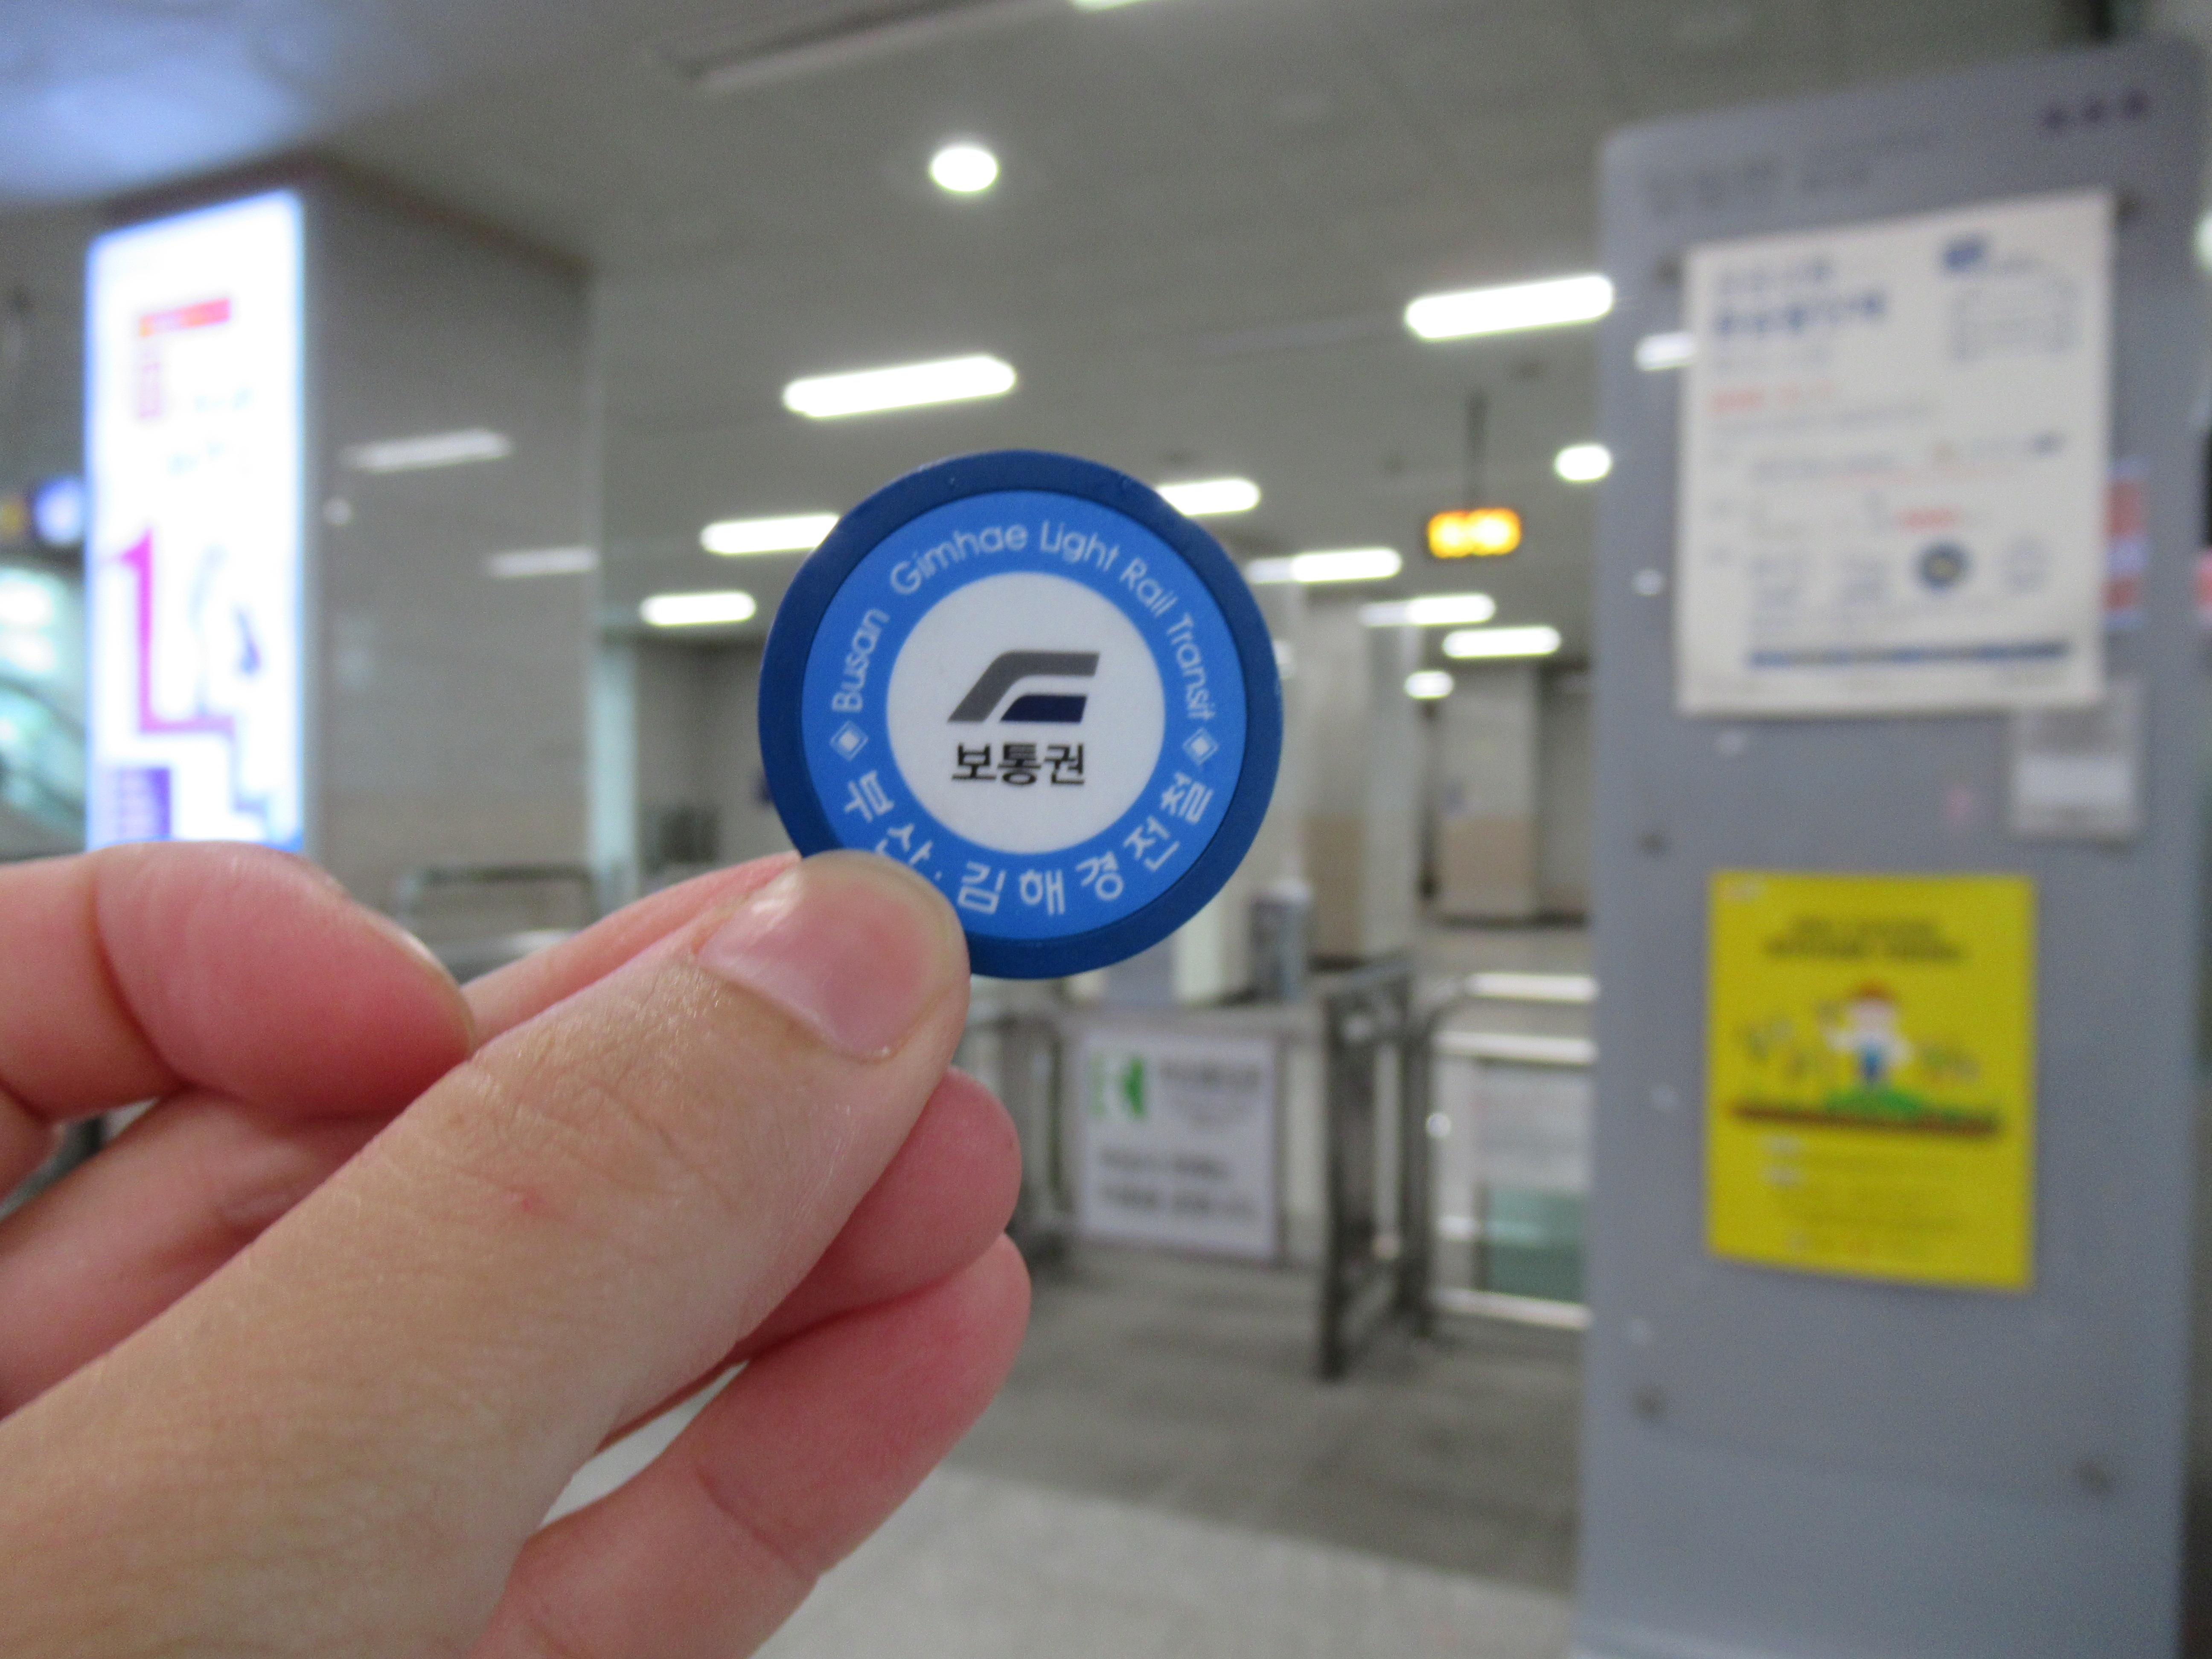 釜山の軽鉄道の切符(トークン)の買い方とT-moneyのチャージの仕方|釜山ブログ旅